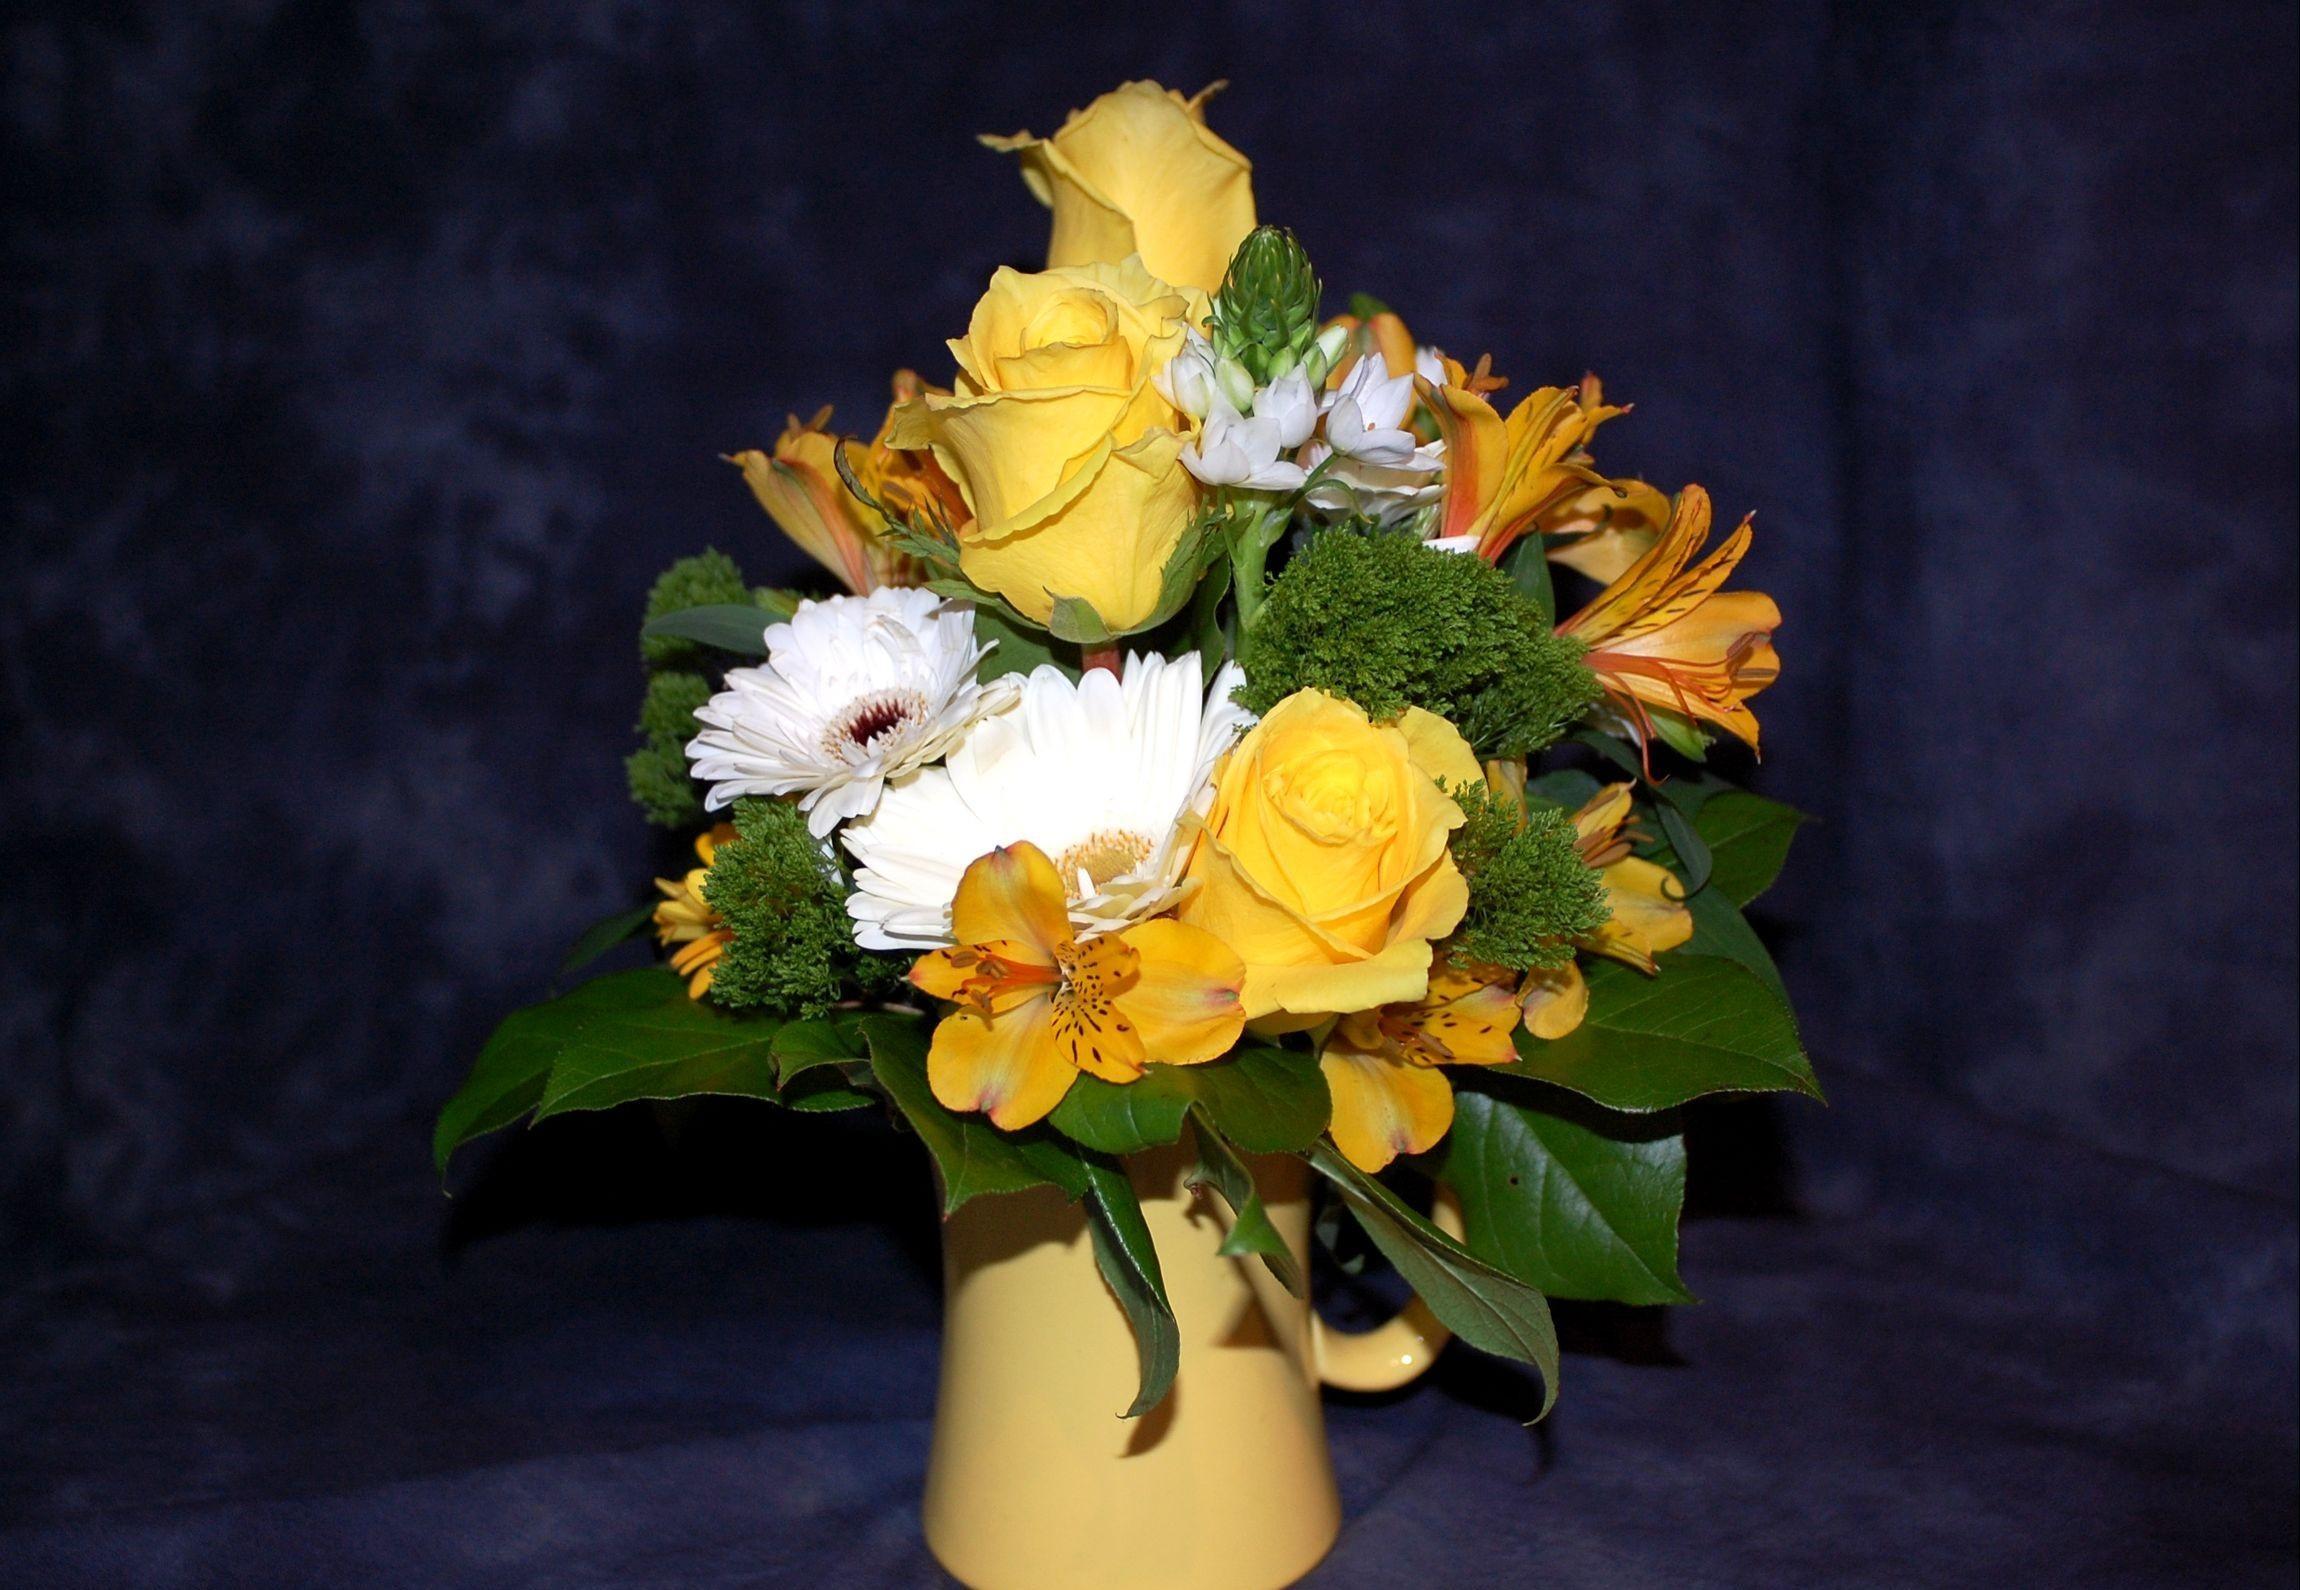 64679 скачать обои Цветы, Альстромерия, Букет, Оформление, Стакан, Листья, Розы, Герберы - заставки и картинки бесплатно